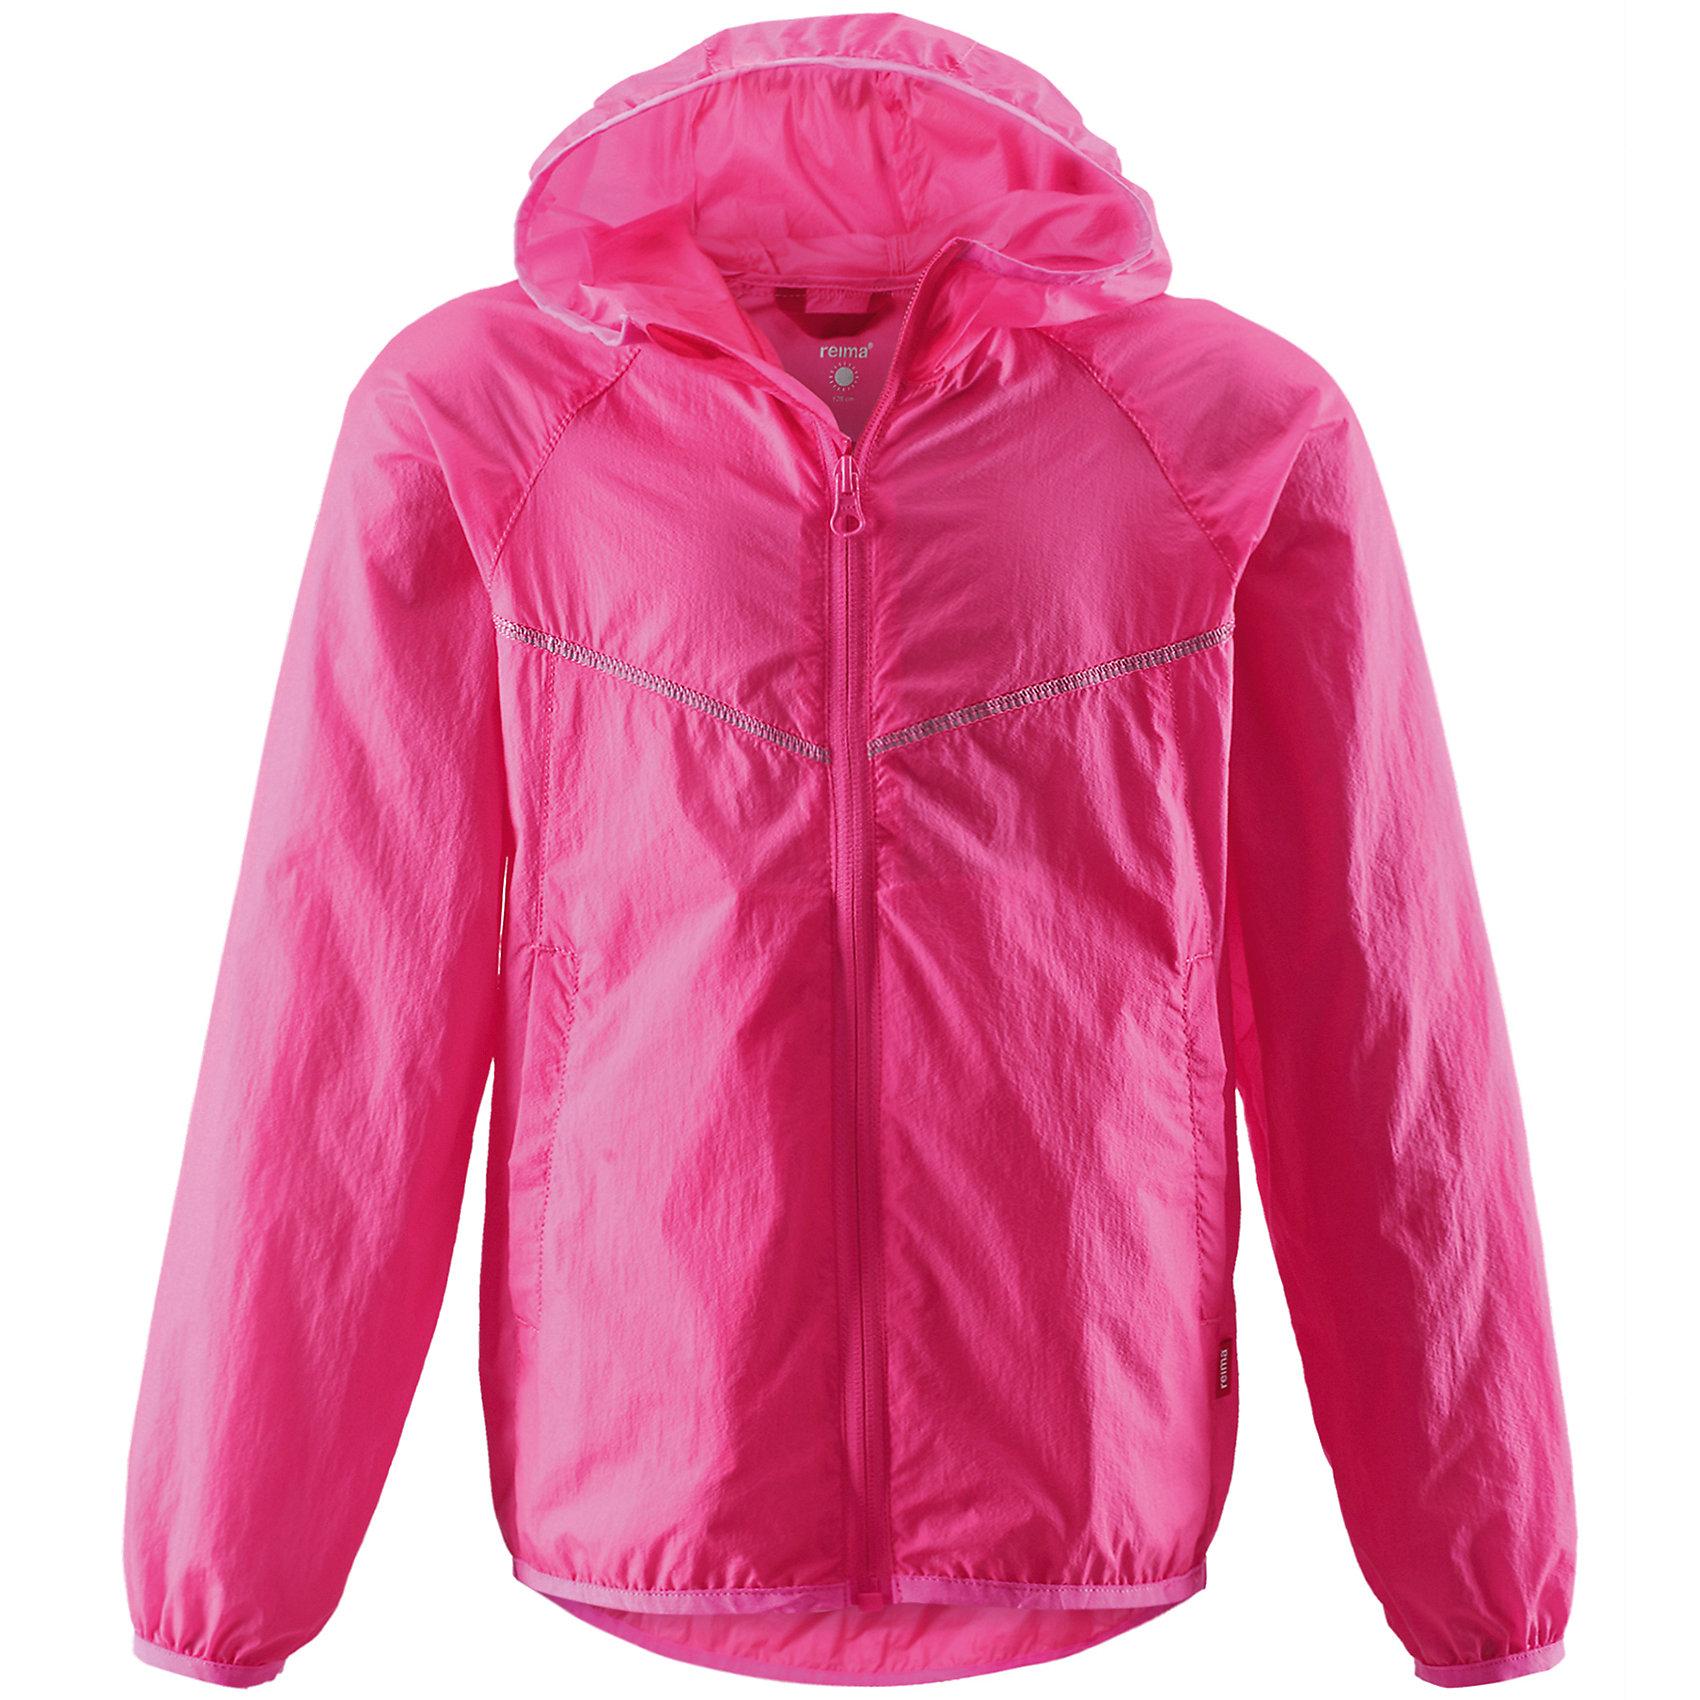 Куртка для девочки ReimaОдежда<br>Куртка от финской марки Reima.<br>*Куртка для подростков*Облегченный материал!*Эластичная резинка на кромке капюшона, манжетах и подоле*Возможность сложить куртку в ее собственный карман*Два боковых кармана<br>Состав:<br>100% ПА<br><br>Ширина мм: 356<br>Глубина мм: 10<br>Высота мм: 245<br>Вес г: 519<br>Цвет: розовый<br>Возраст от месяцев: 72<br>Возраст до месяцев: 84<br>Пол: Женский<br>Возраст: Детский<br>Размер: 122,116,104,128,110,140,134<br>SKU: 4631541